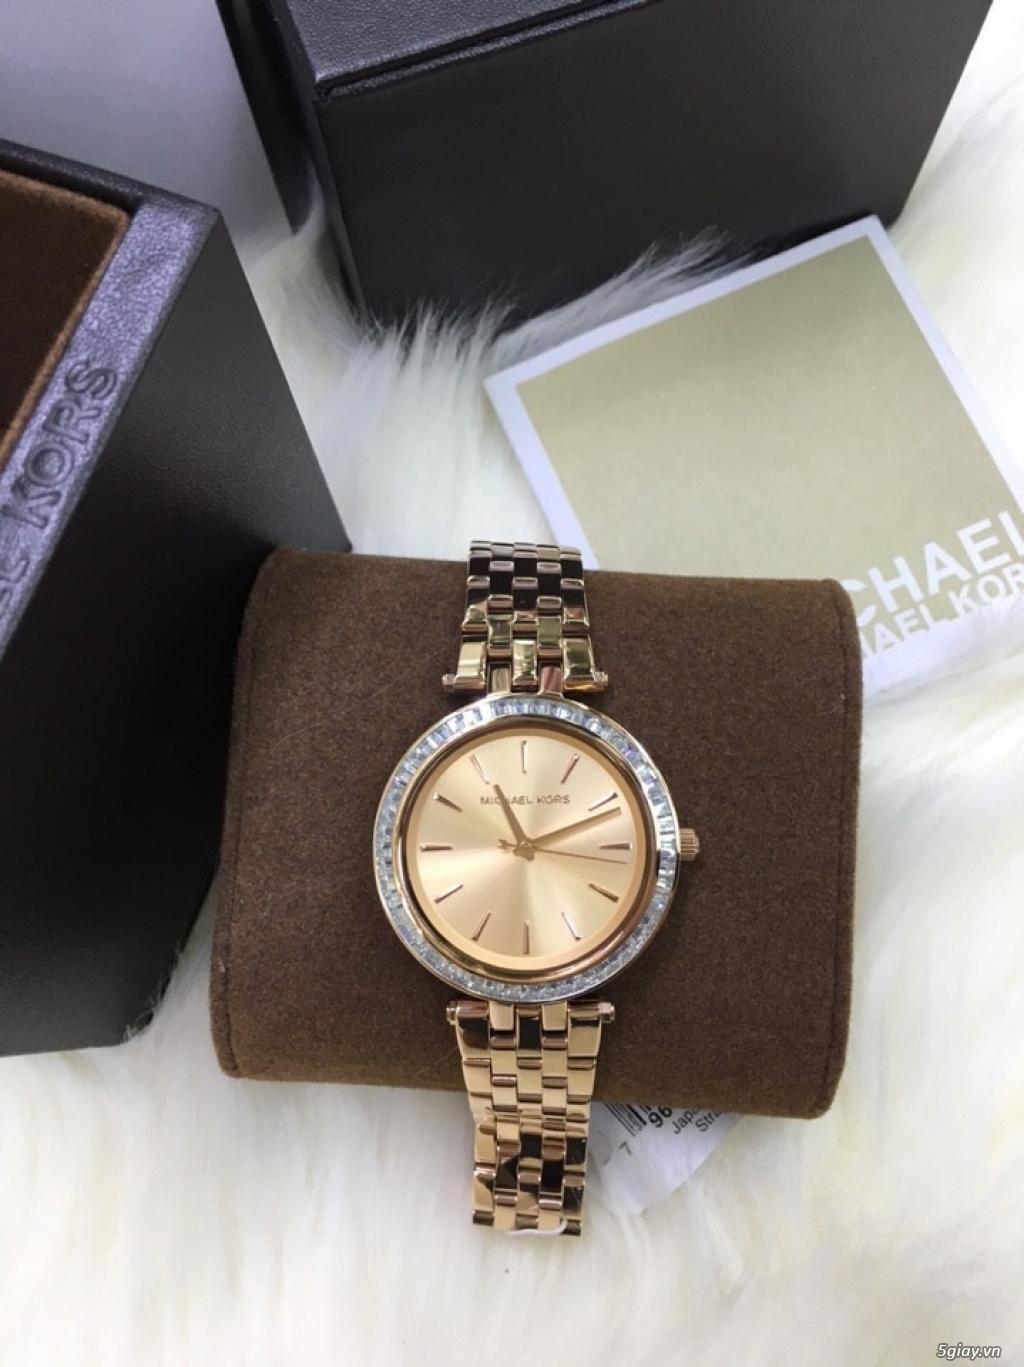 Đồng hồ chính hãng Michael Kors giá rẻ - 10